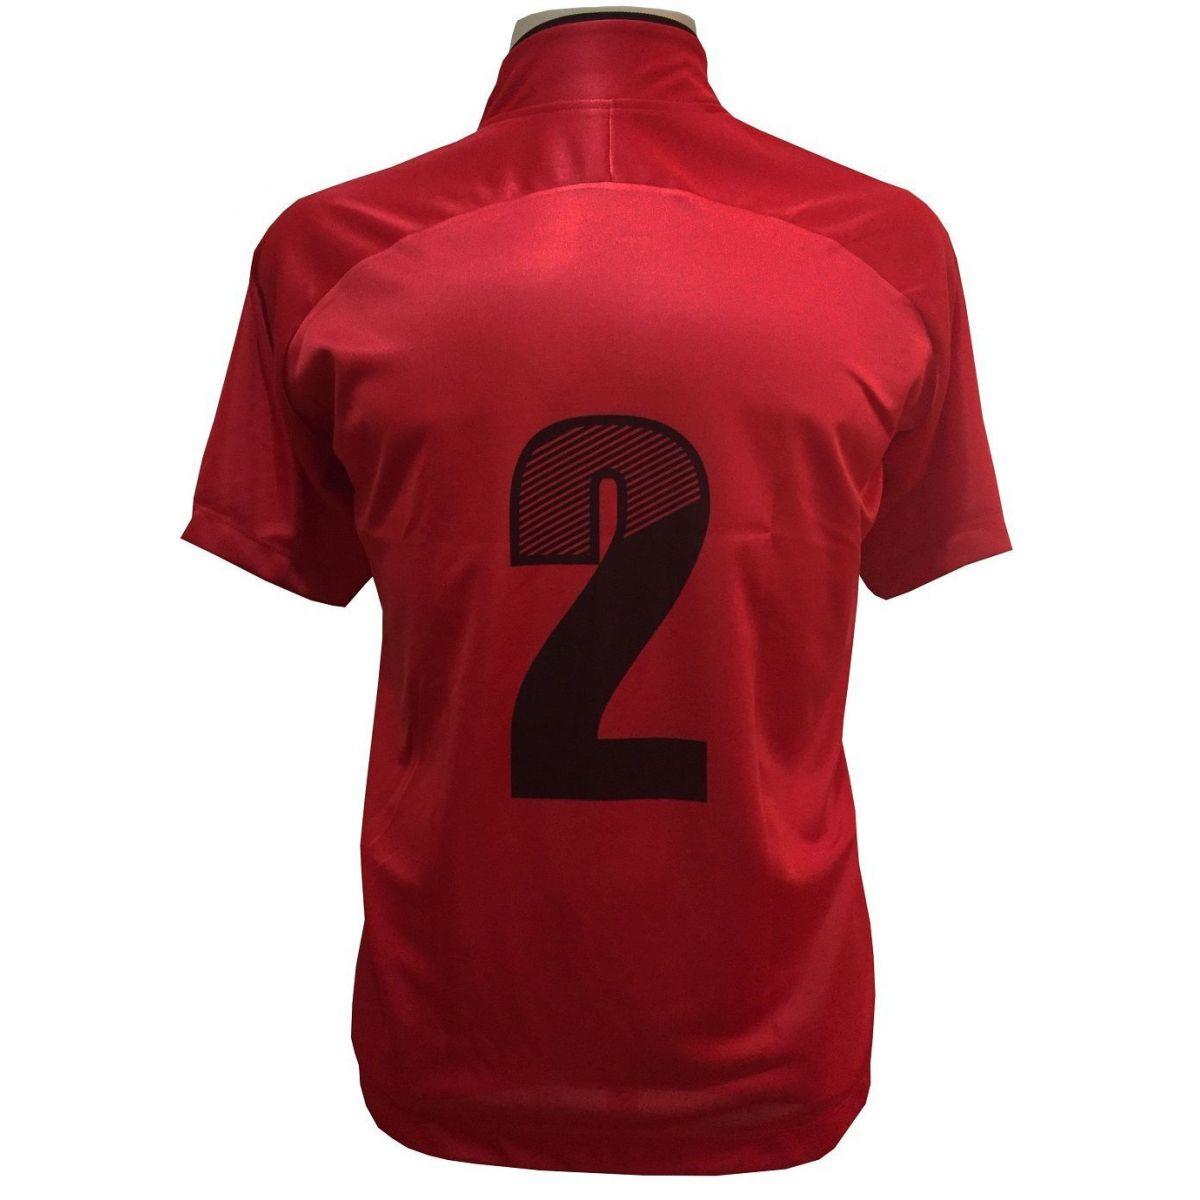 Uniforme Esportivo com 18 camisas modelo City Vermelho/Preto + 18 calções modelo Madrid Preto + 18 pares de meiões Vermelho